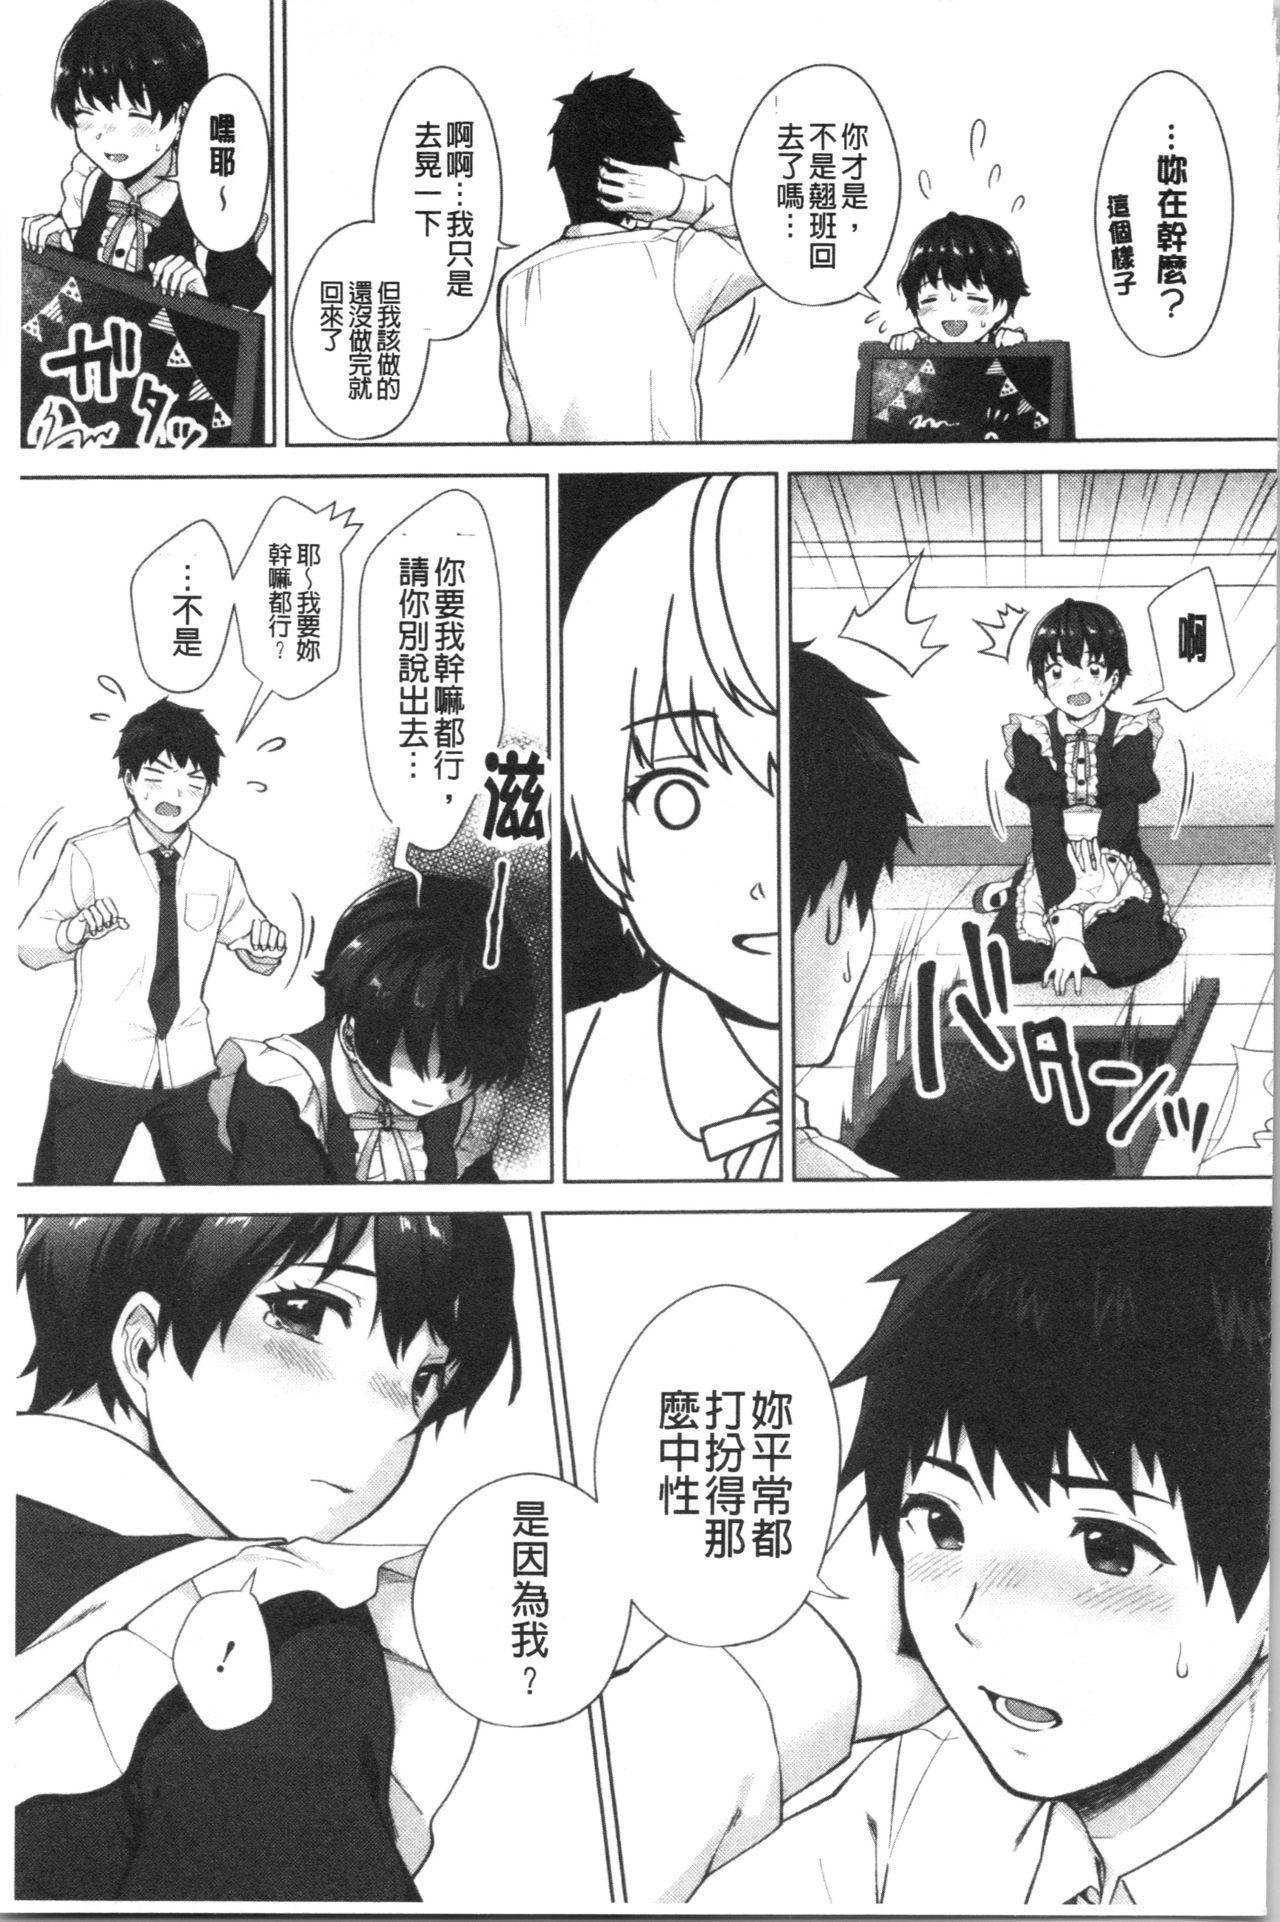 #Echi Echi Joshi to Tsunagaritai | #好色淫蕩女子想和她搞一下 139